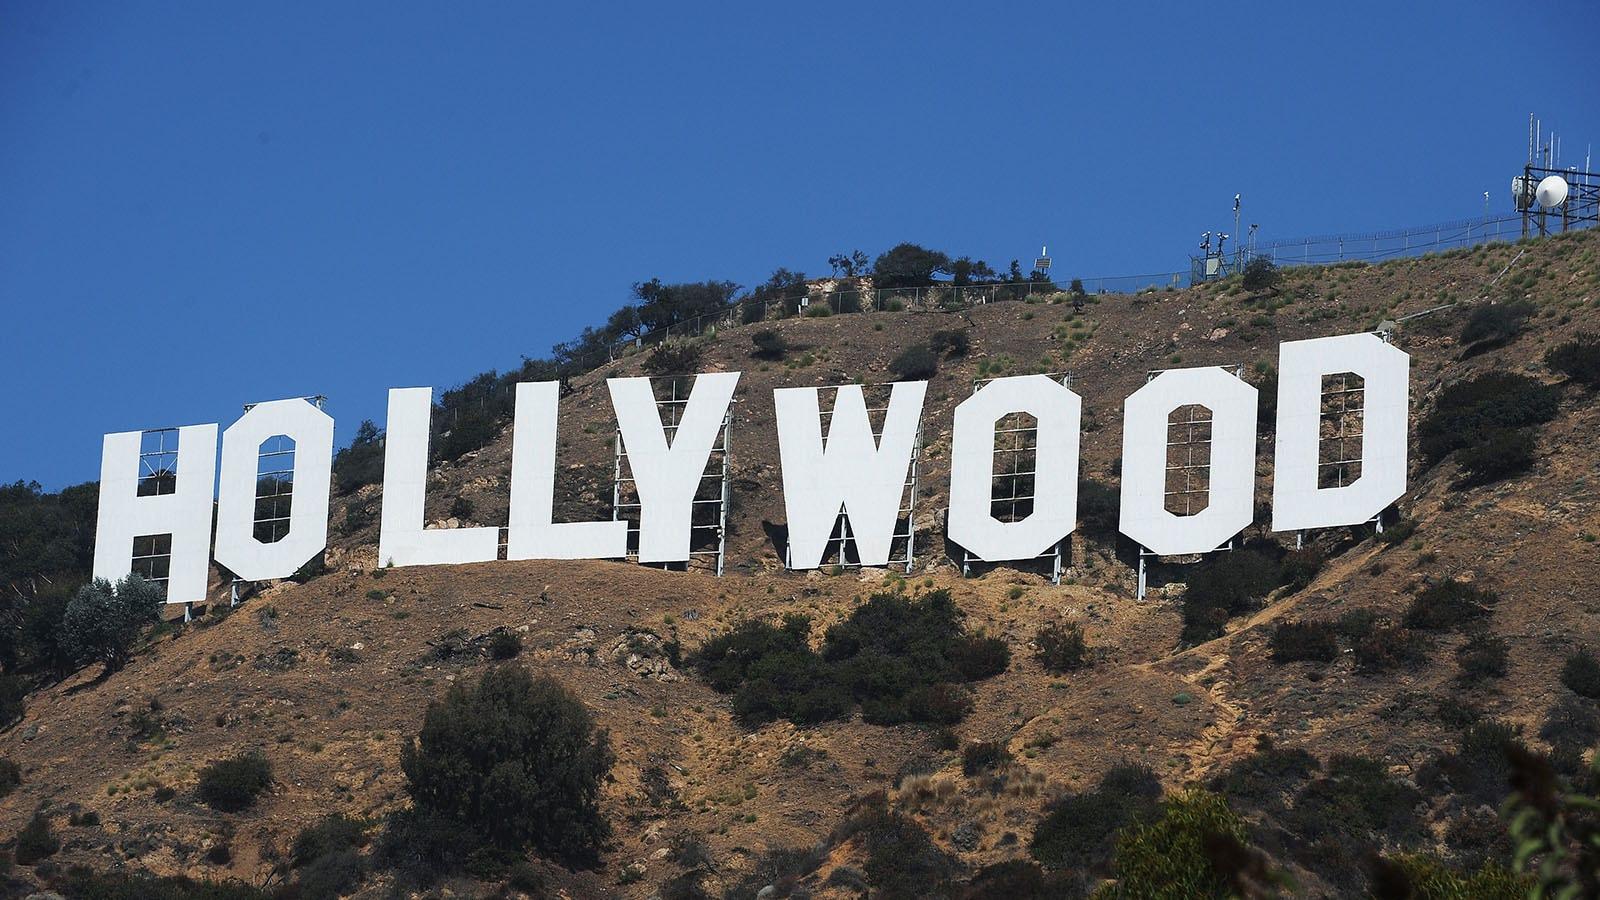 أشهر 5 حوادث دامية شهدتها هوليوود خلال تصوير أفلام